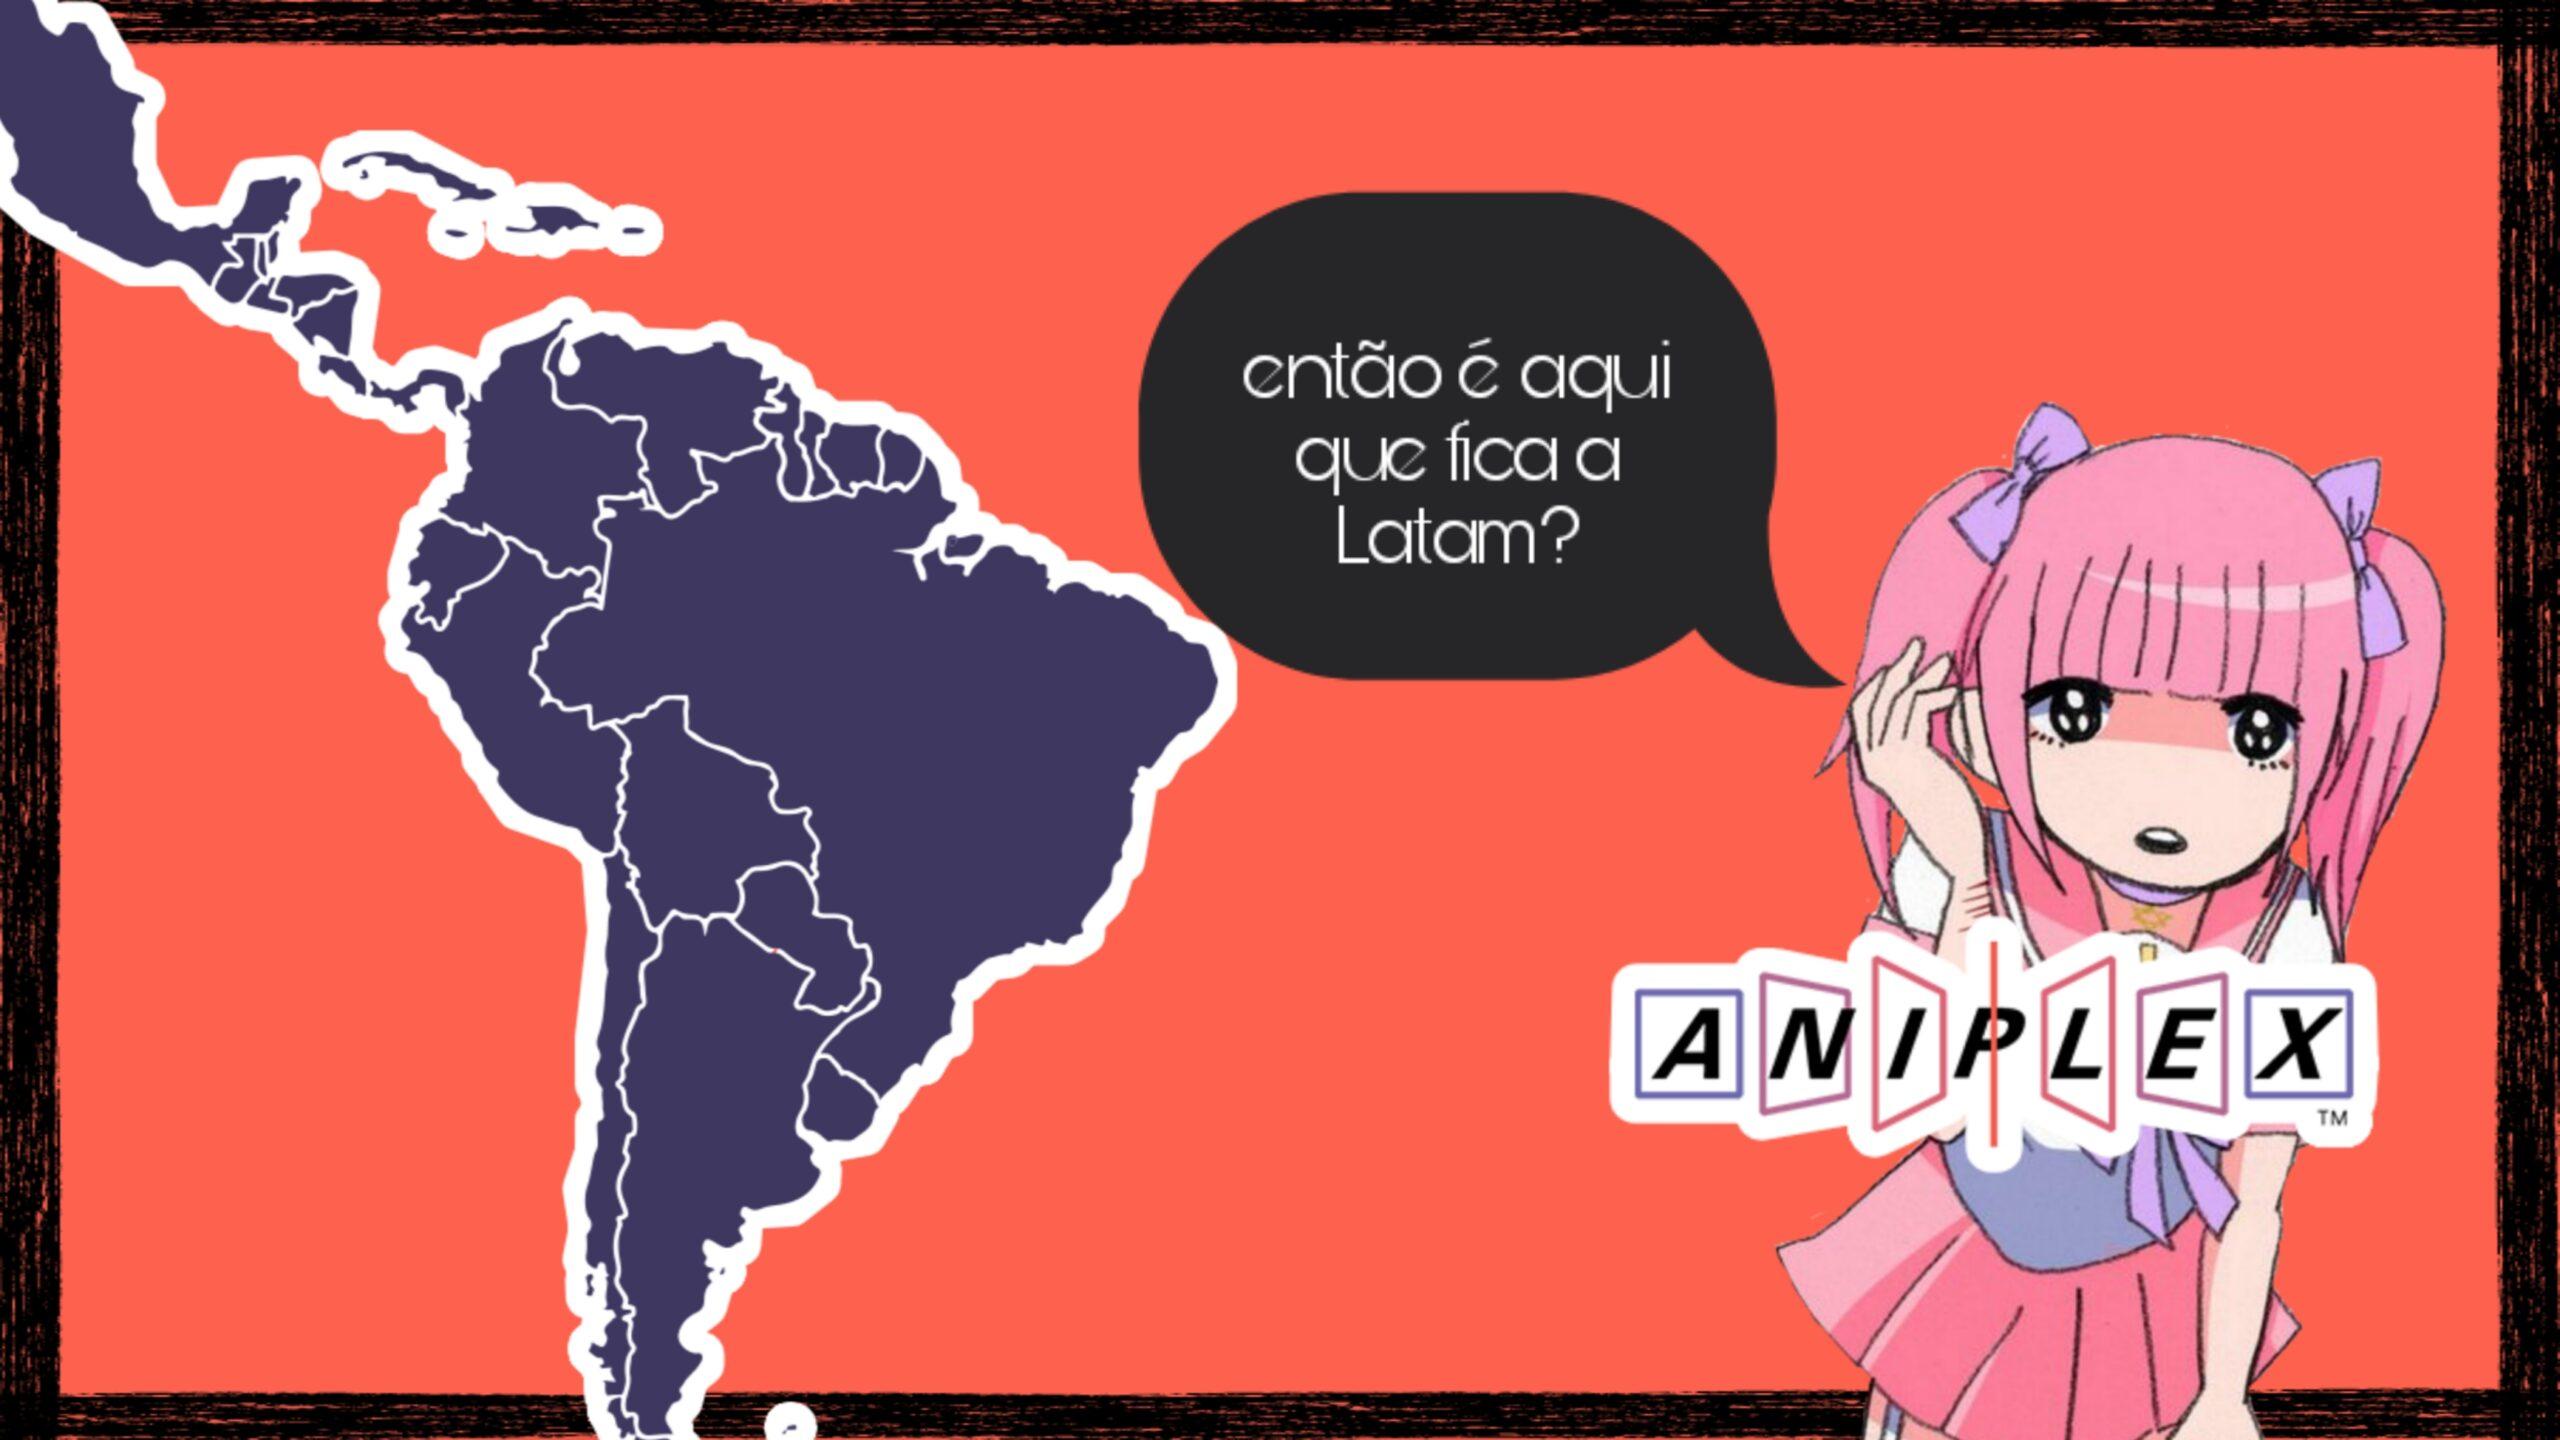 Sim Aniplex, é aqui mesmo que fica a América latina!